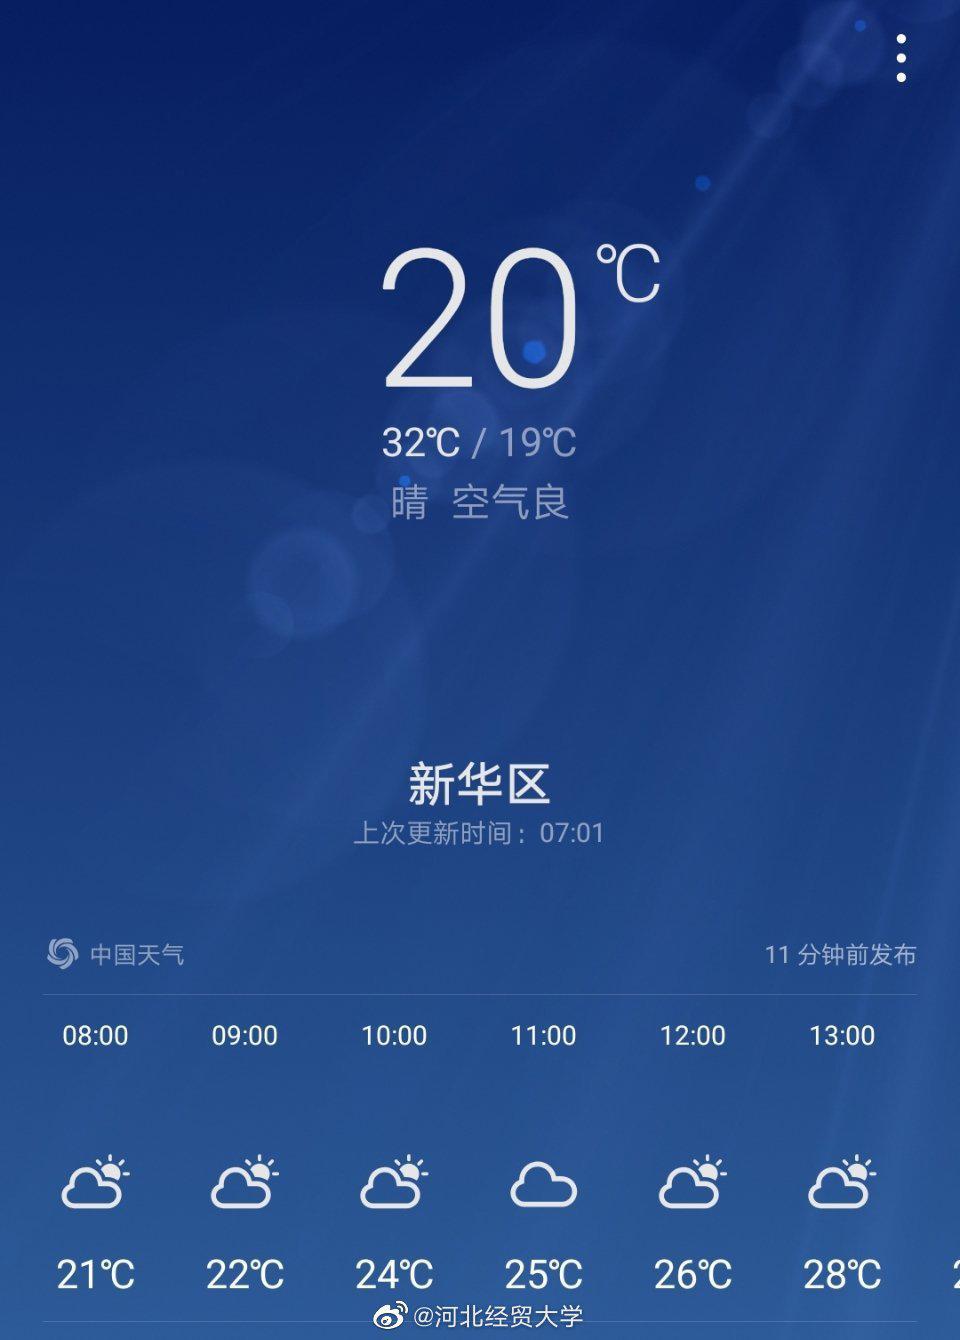 今天空气质量良好,紫外线强度也很弱,适宜出门……